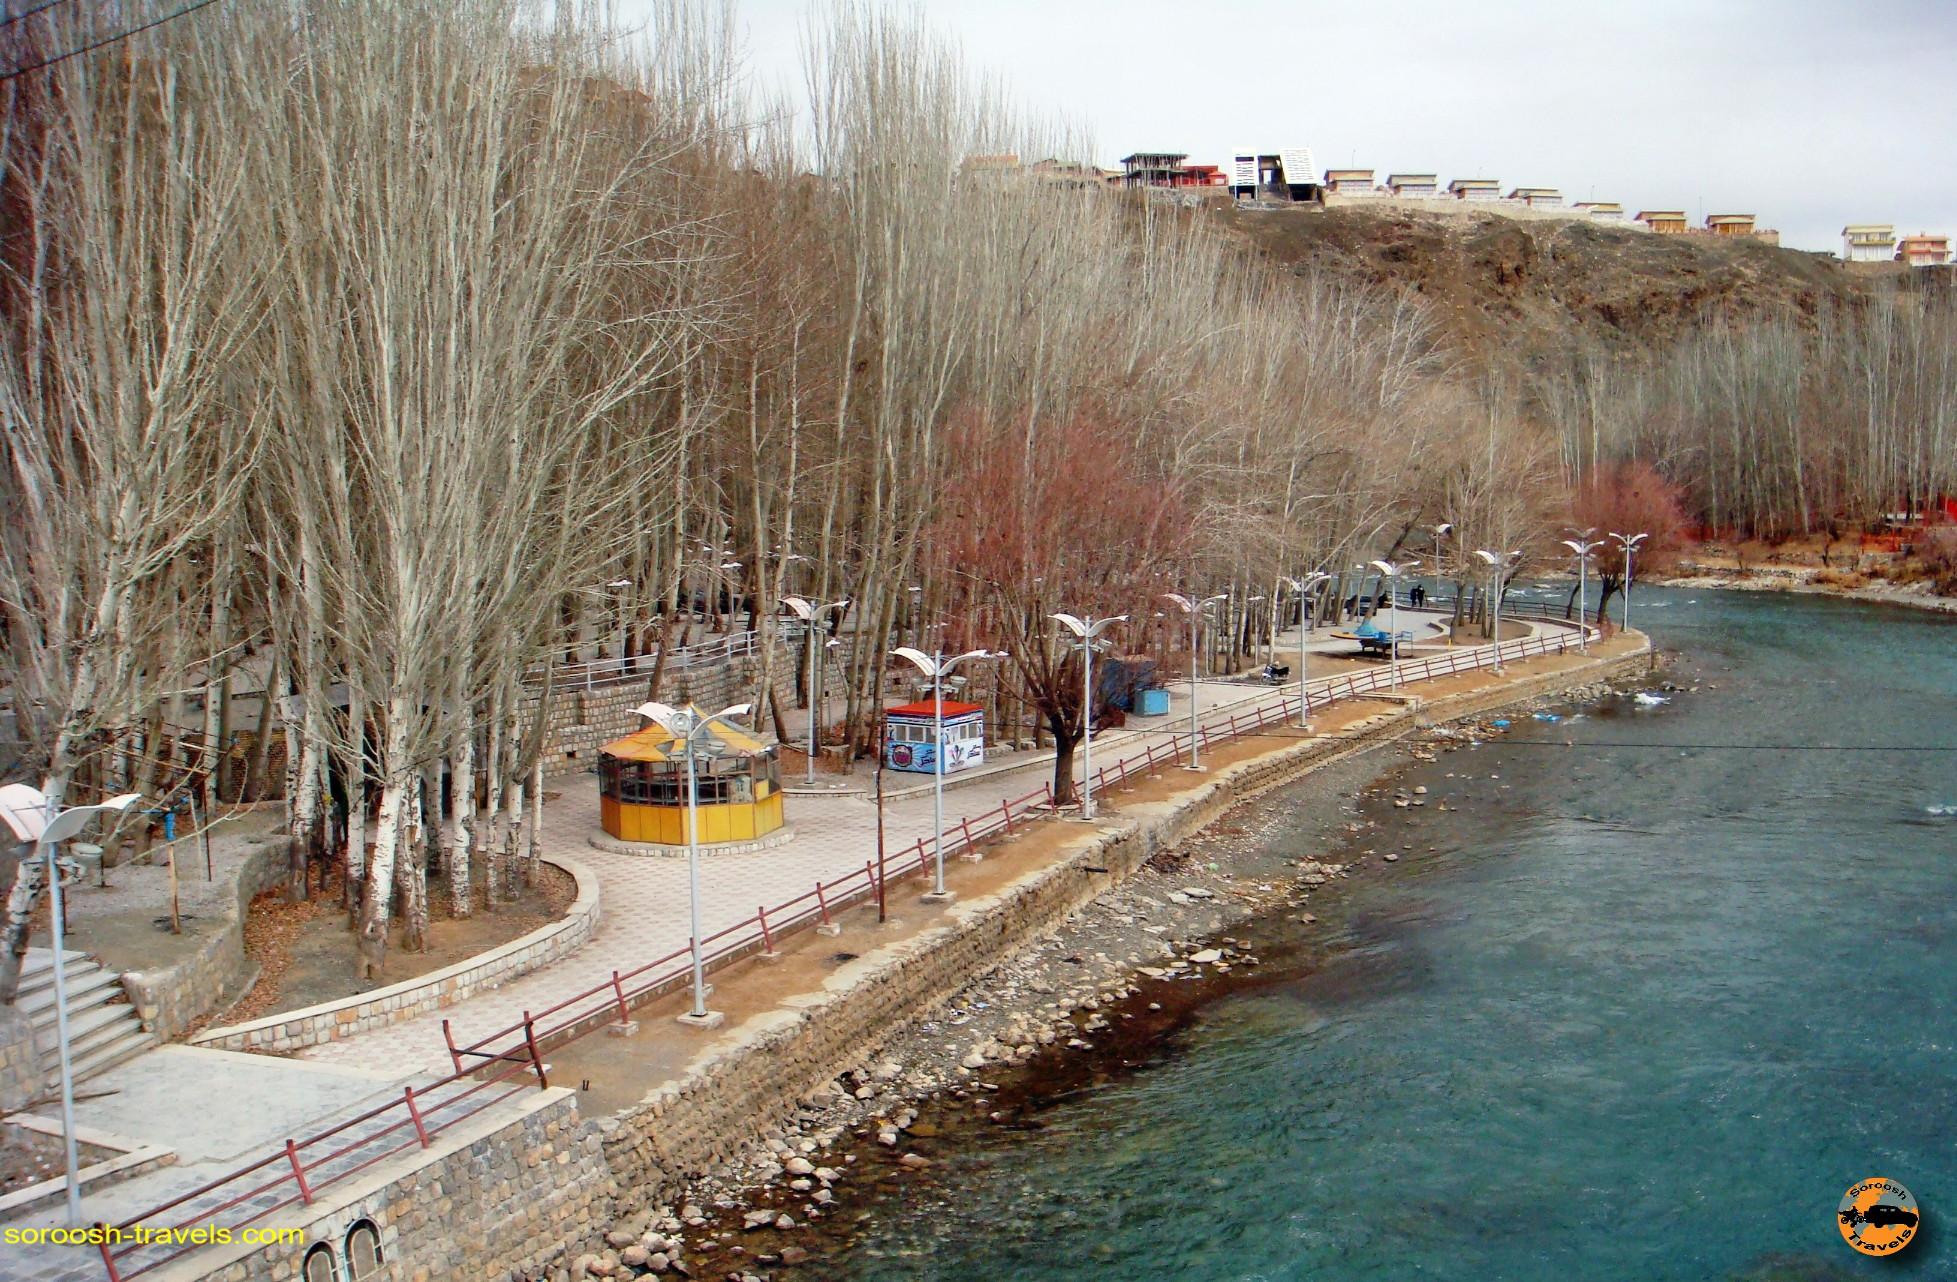 esfahan-koohrang-googad-maranjaab-tehran-winter-1388-18